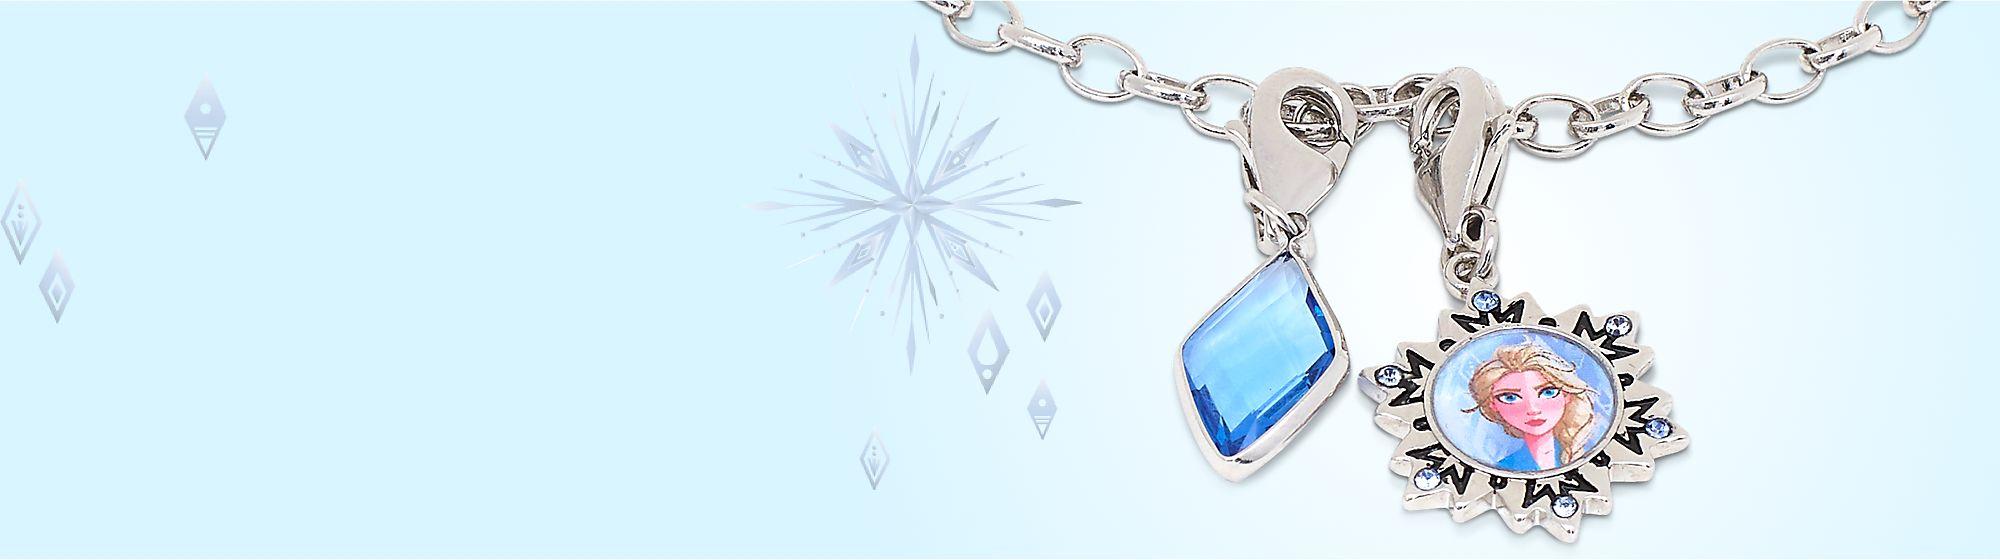 Elsa - Colección de abalorios de Frozen 2 A la venta el 25 de enero DESCUBRIR MÁS